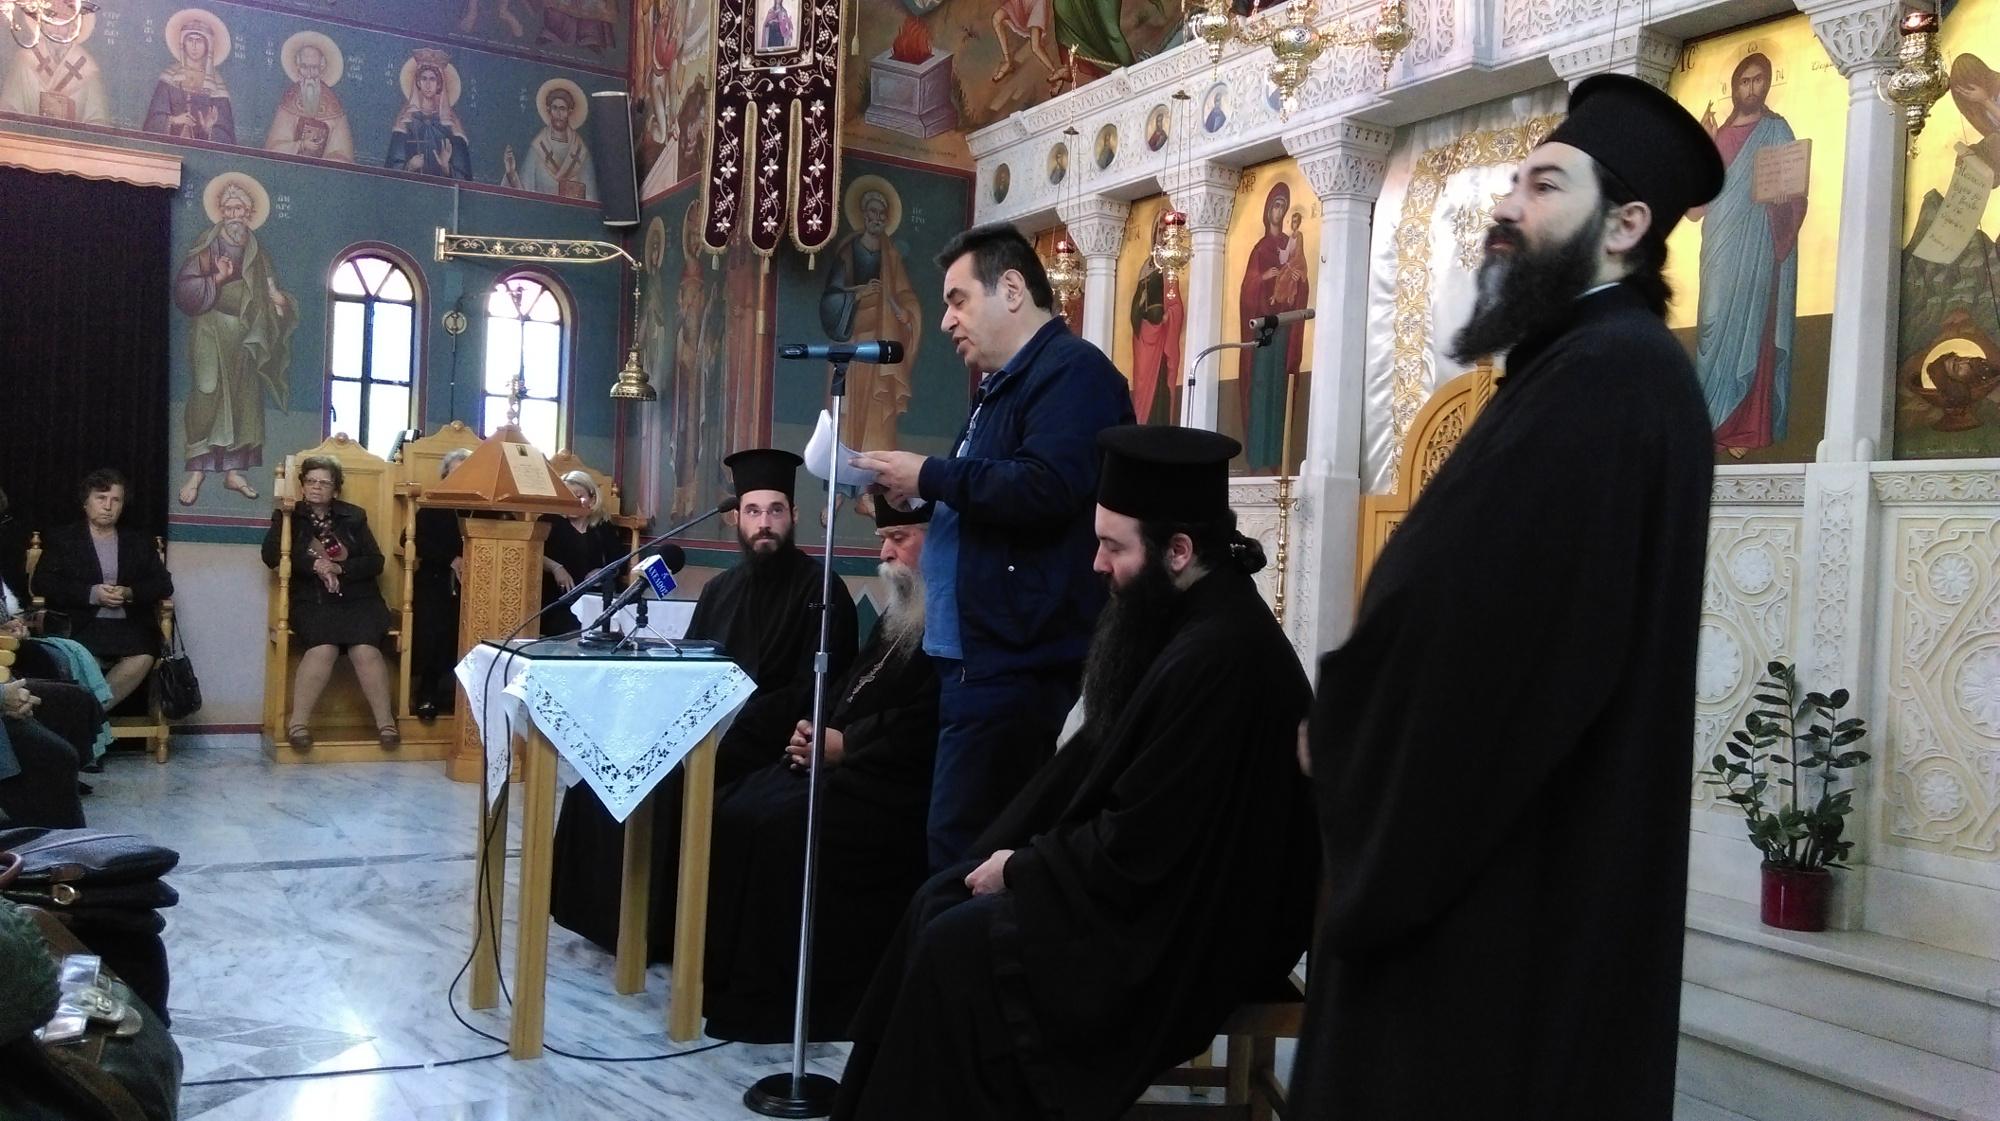 Δελτίο Τύπου για την Εκδήλωση Τιμής στον Γέροντα Φιλόθεο Ζερβάκο στα Σπάτα στις 31-10-16